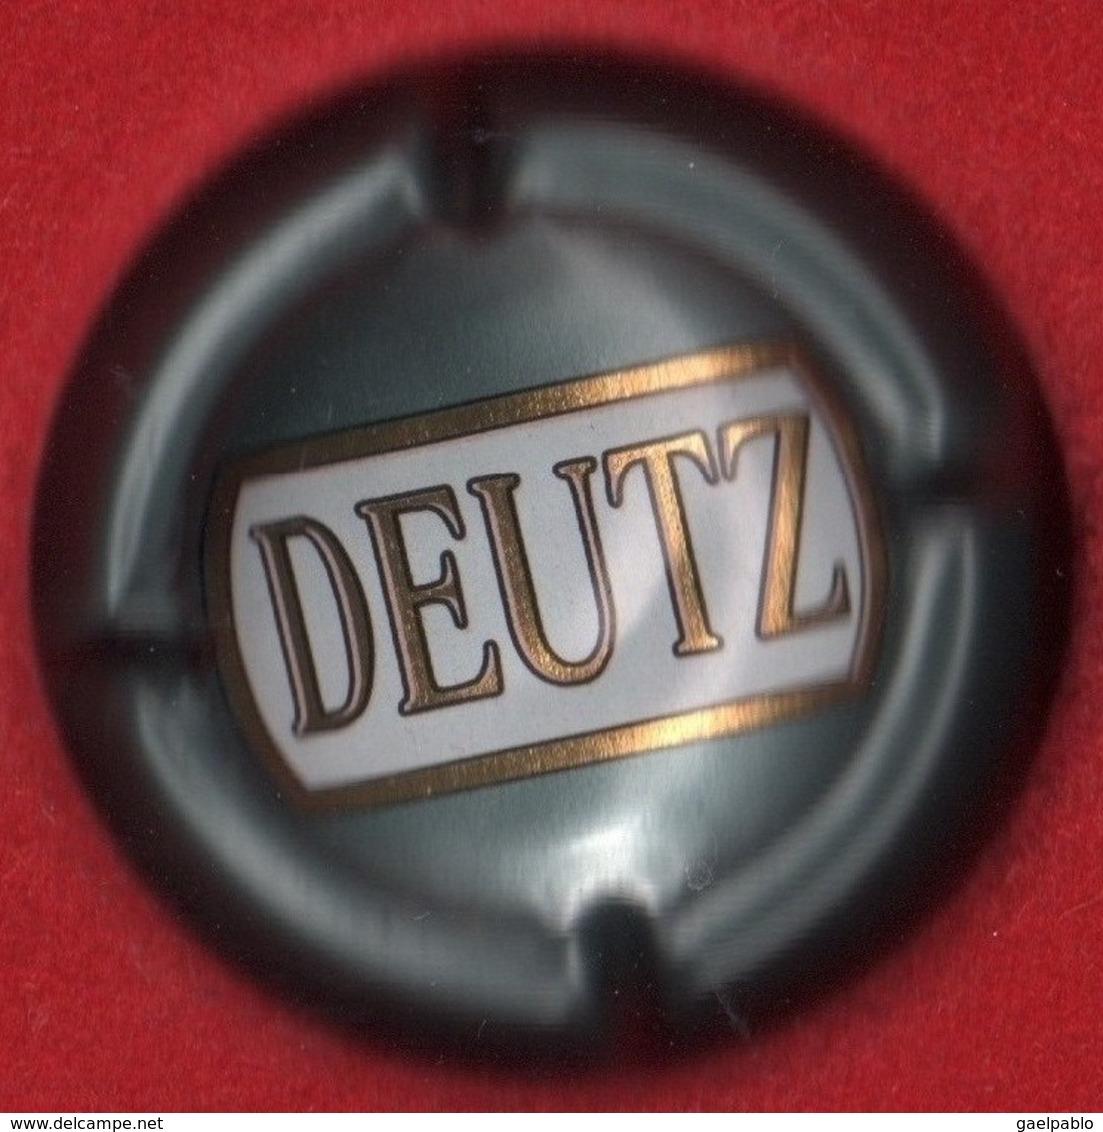 DEUTZ  N°23h  Lambert Tome 1  128/28  Diam. 32 Mm  Gris-bleu - Deutz